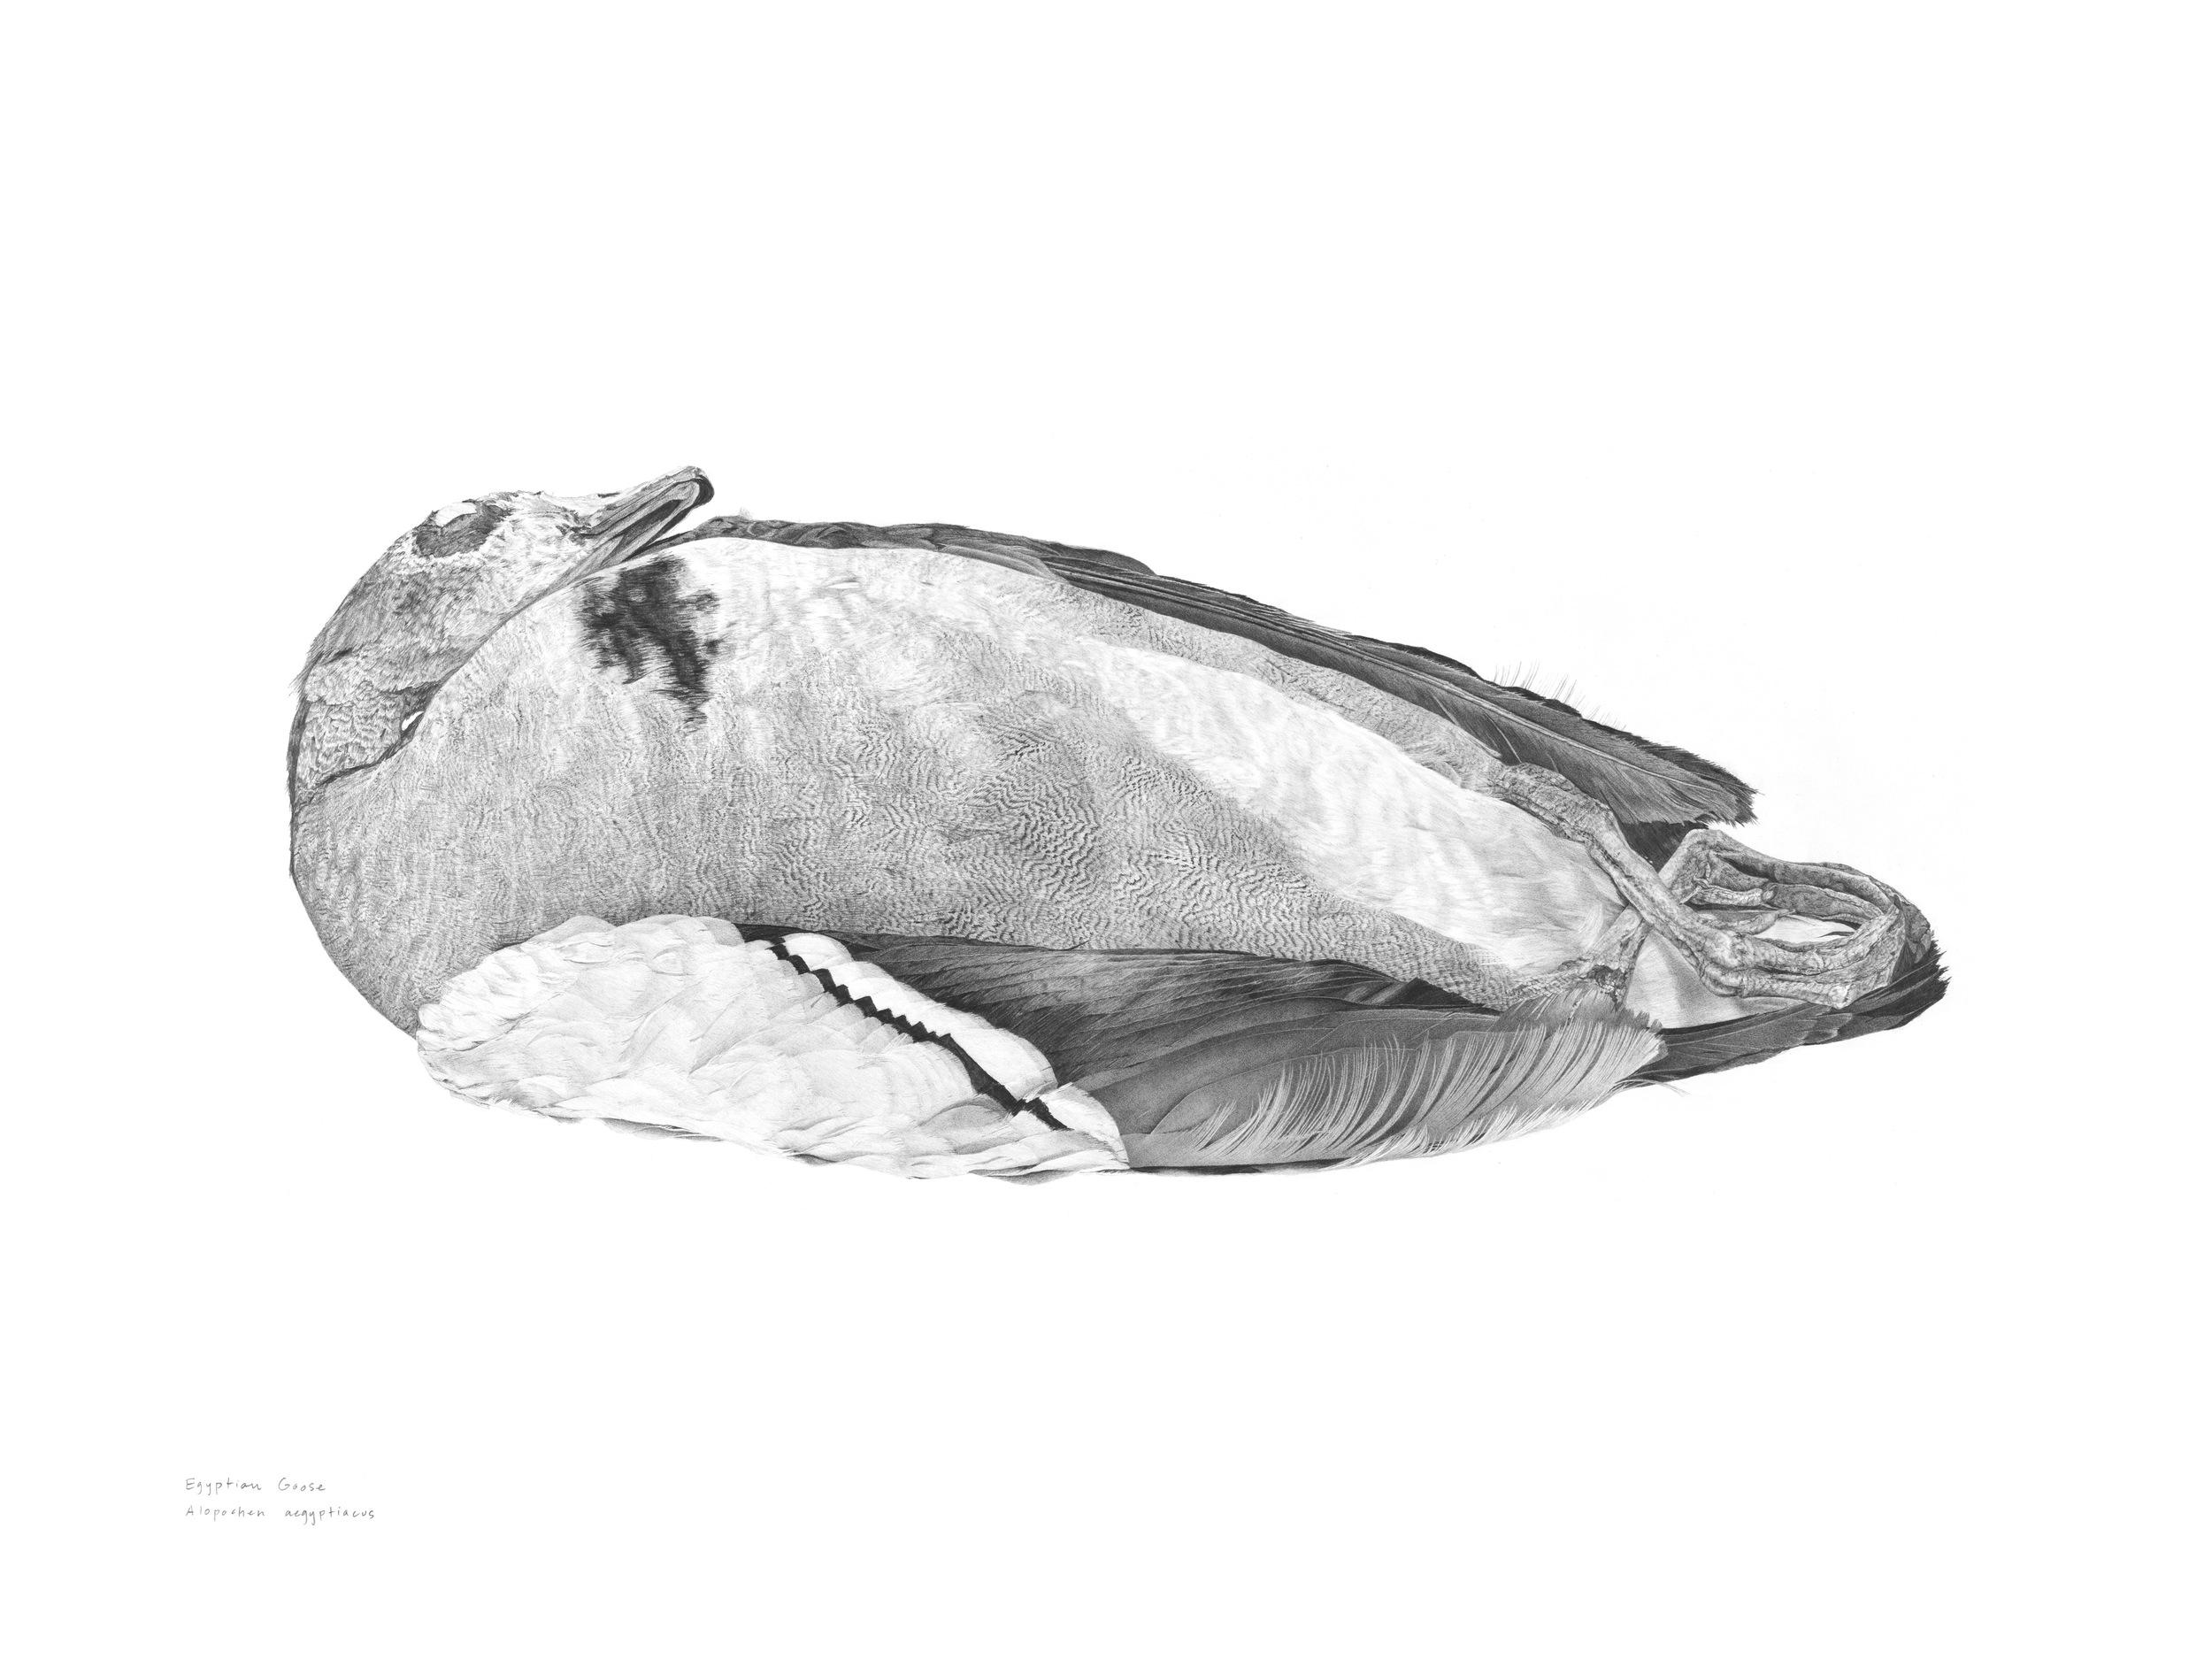 Duckgoose.jpg